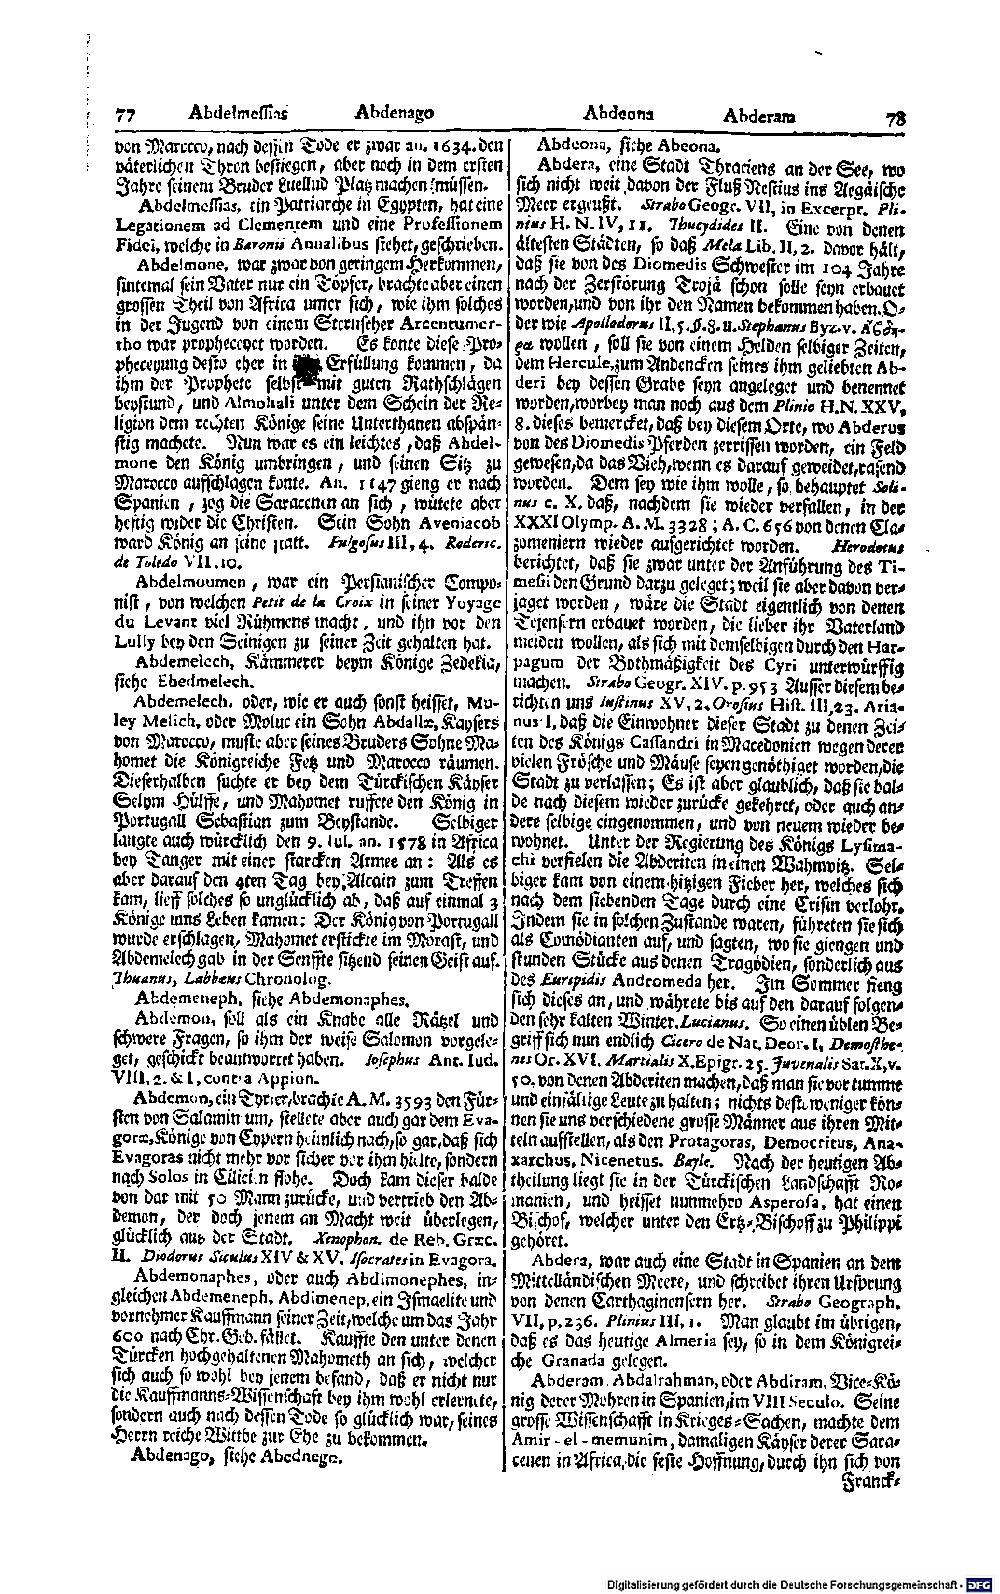 Bd. 01, Seite 0078.